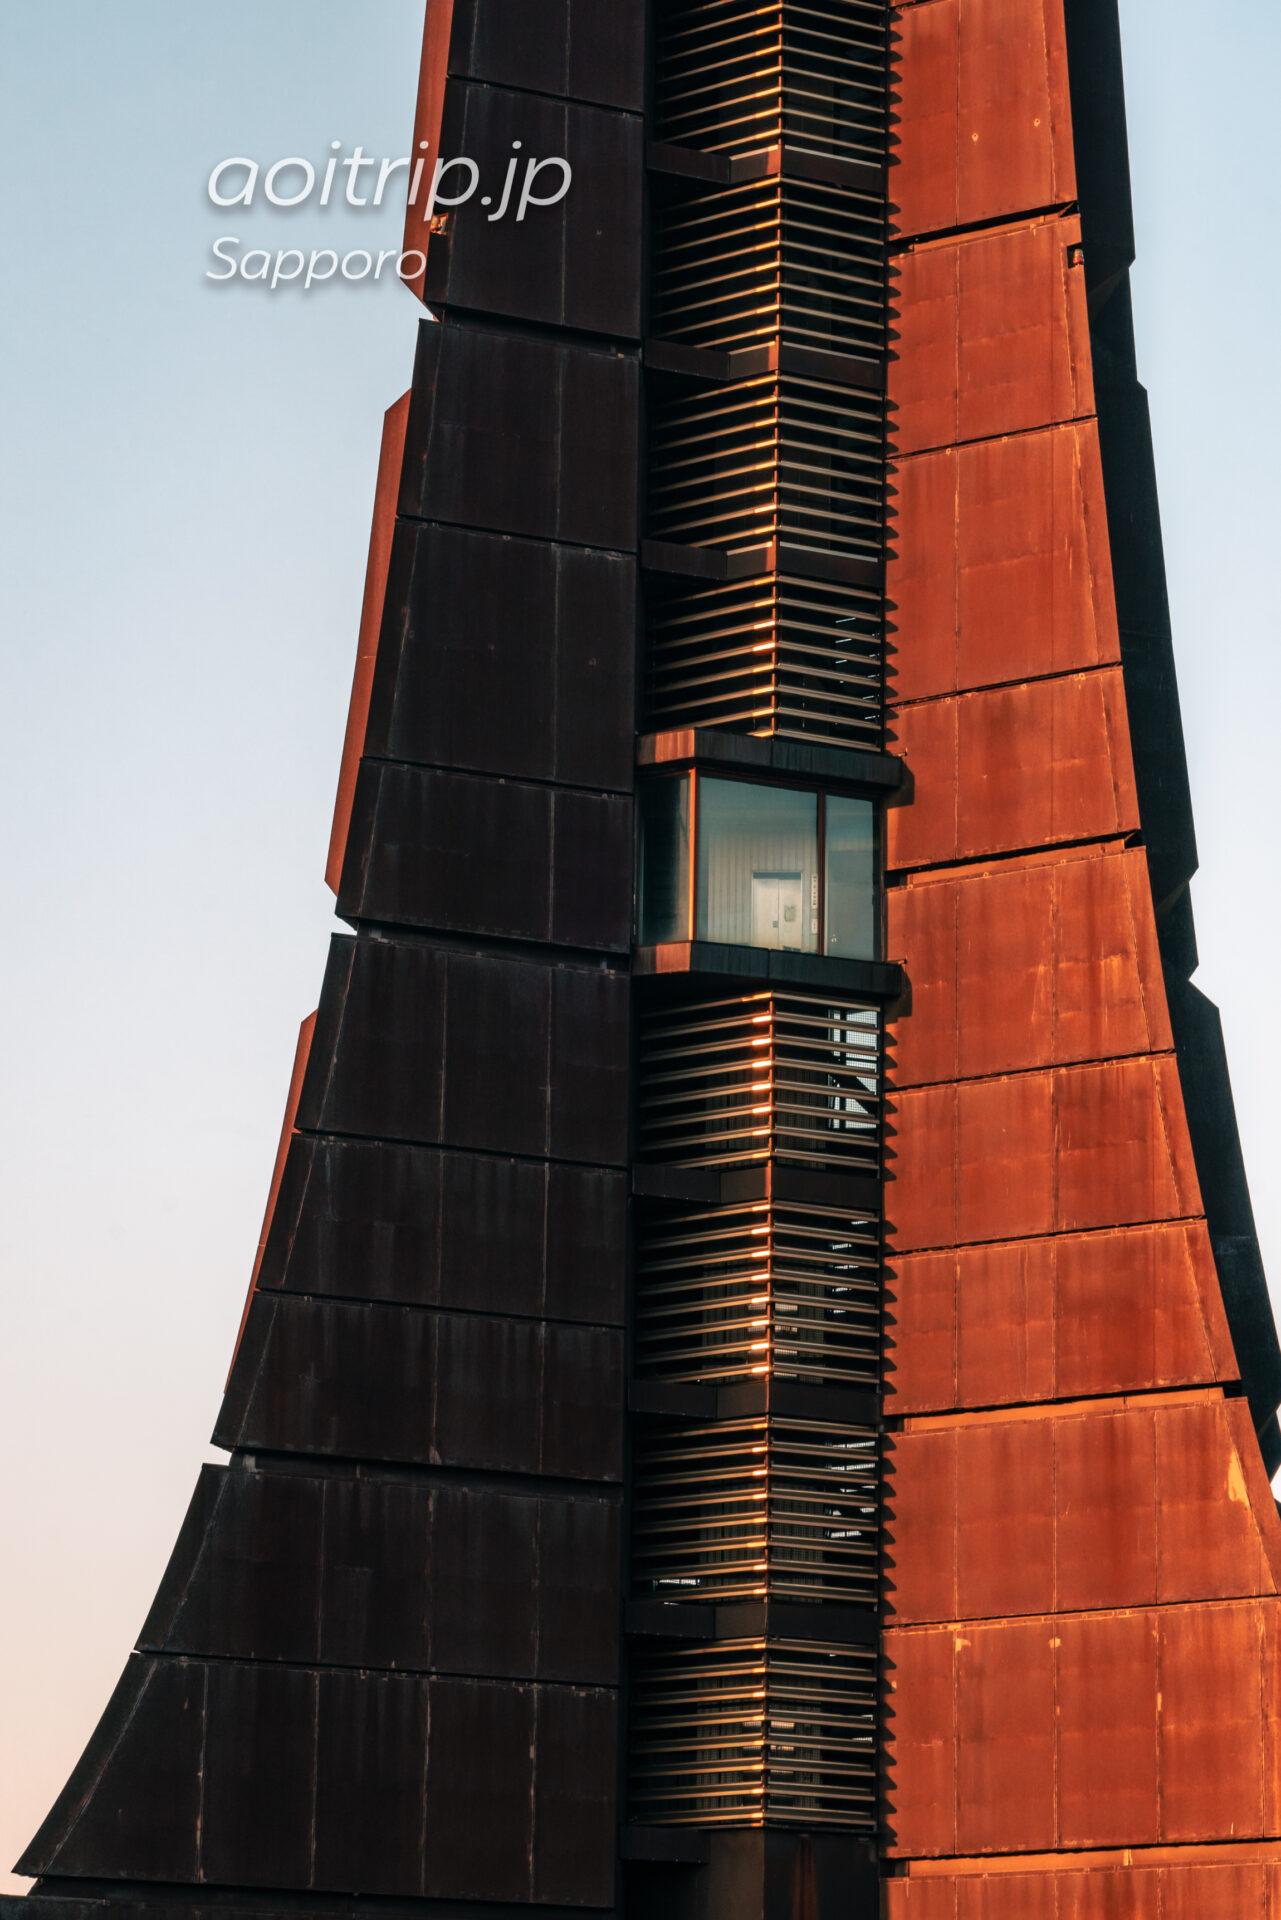 北海道百年記念塔の外壁 コルテン鋼(耐候性鋼板)